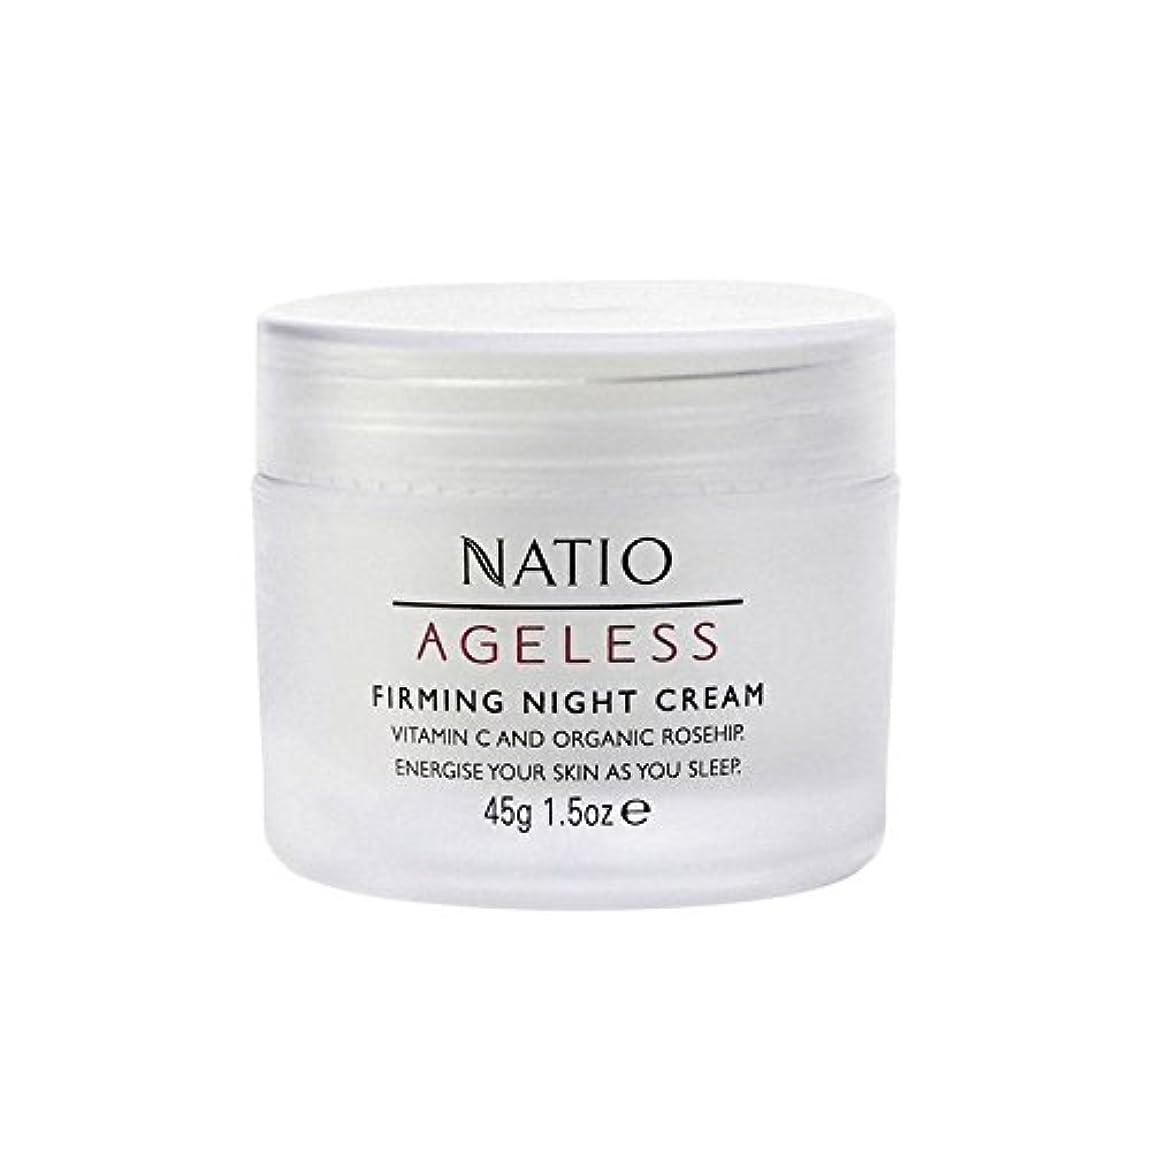 プラスチック驚かすプレミア永遠ファーミングナイトクリーム(45グラム) x2 - Natio Ageless Firming Night Cream (45G) (Pack of 2) [並行輸入品]